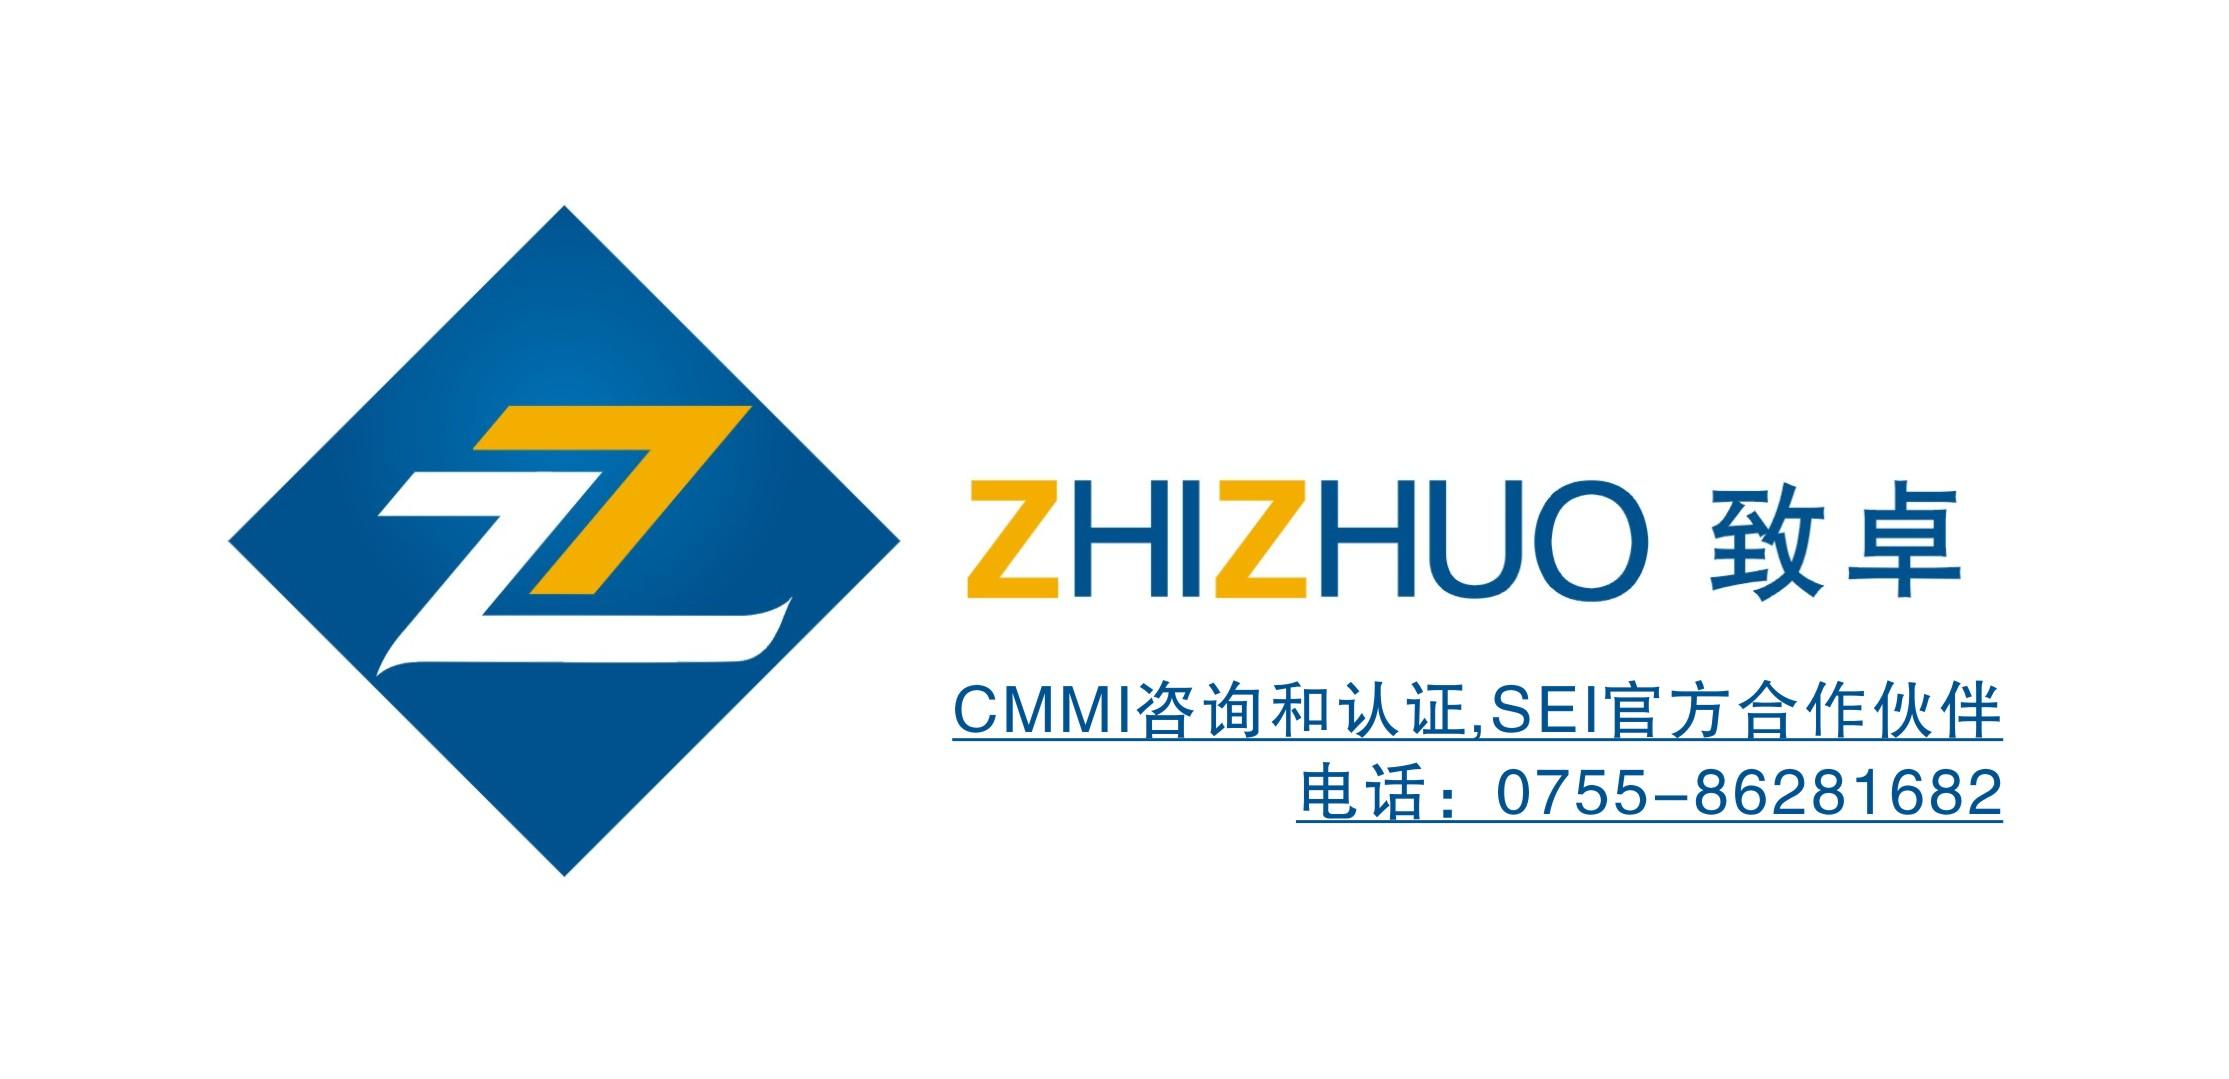 深圳致卓信息技术有限公司